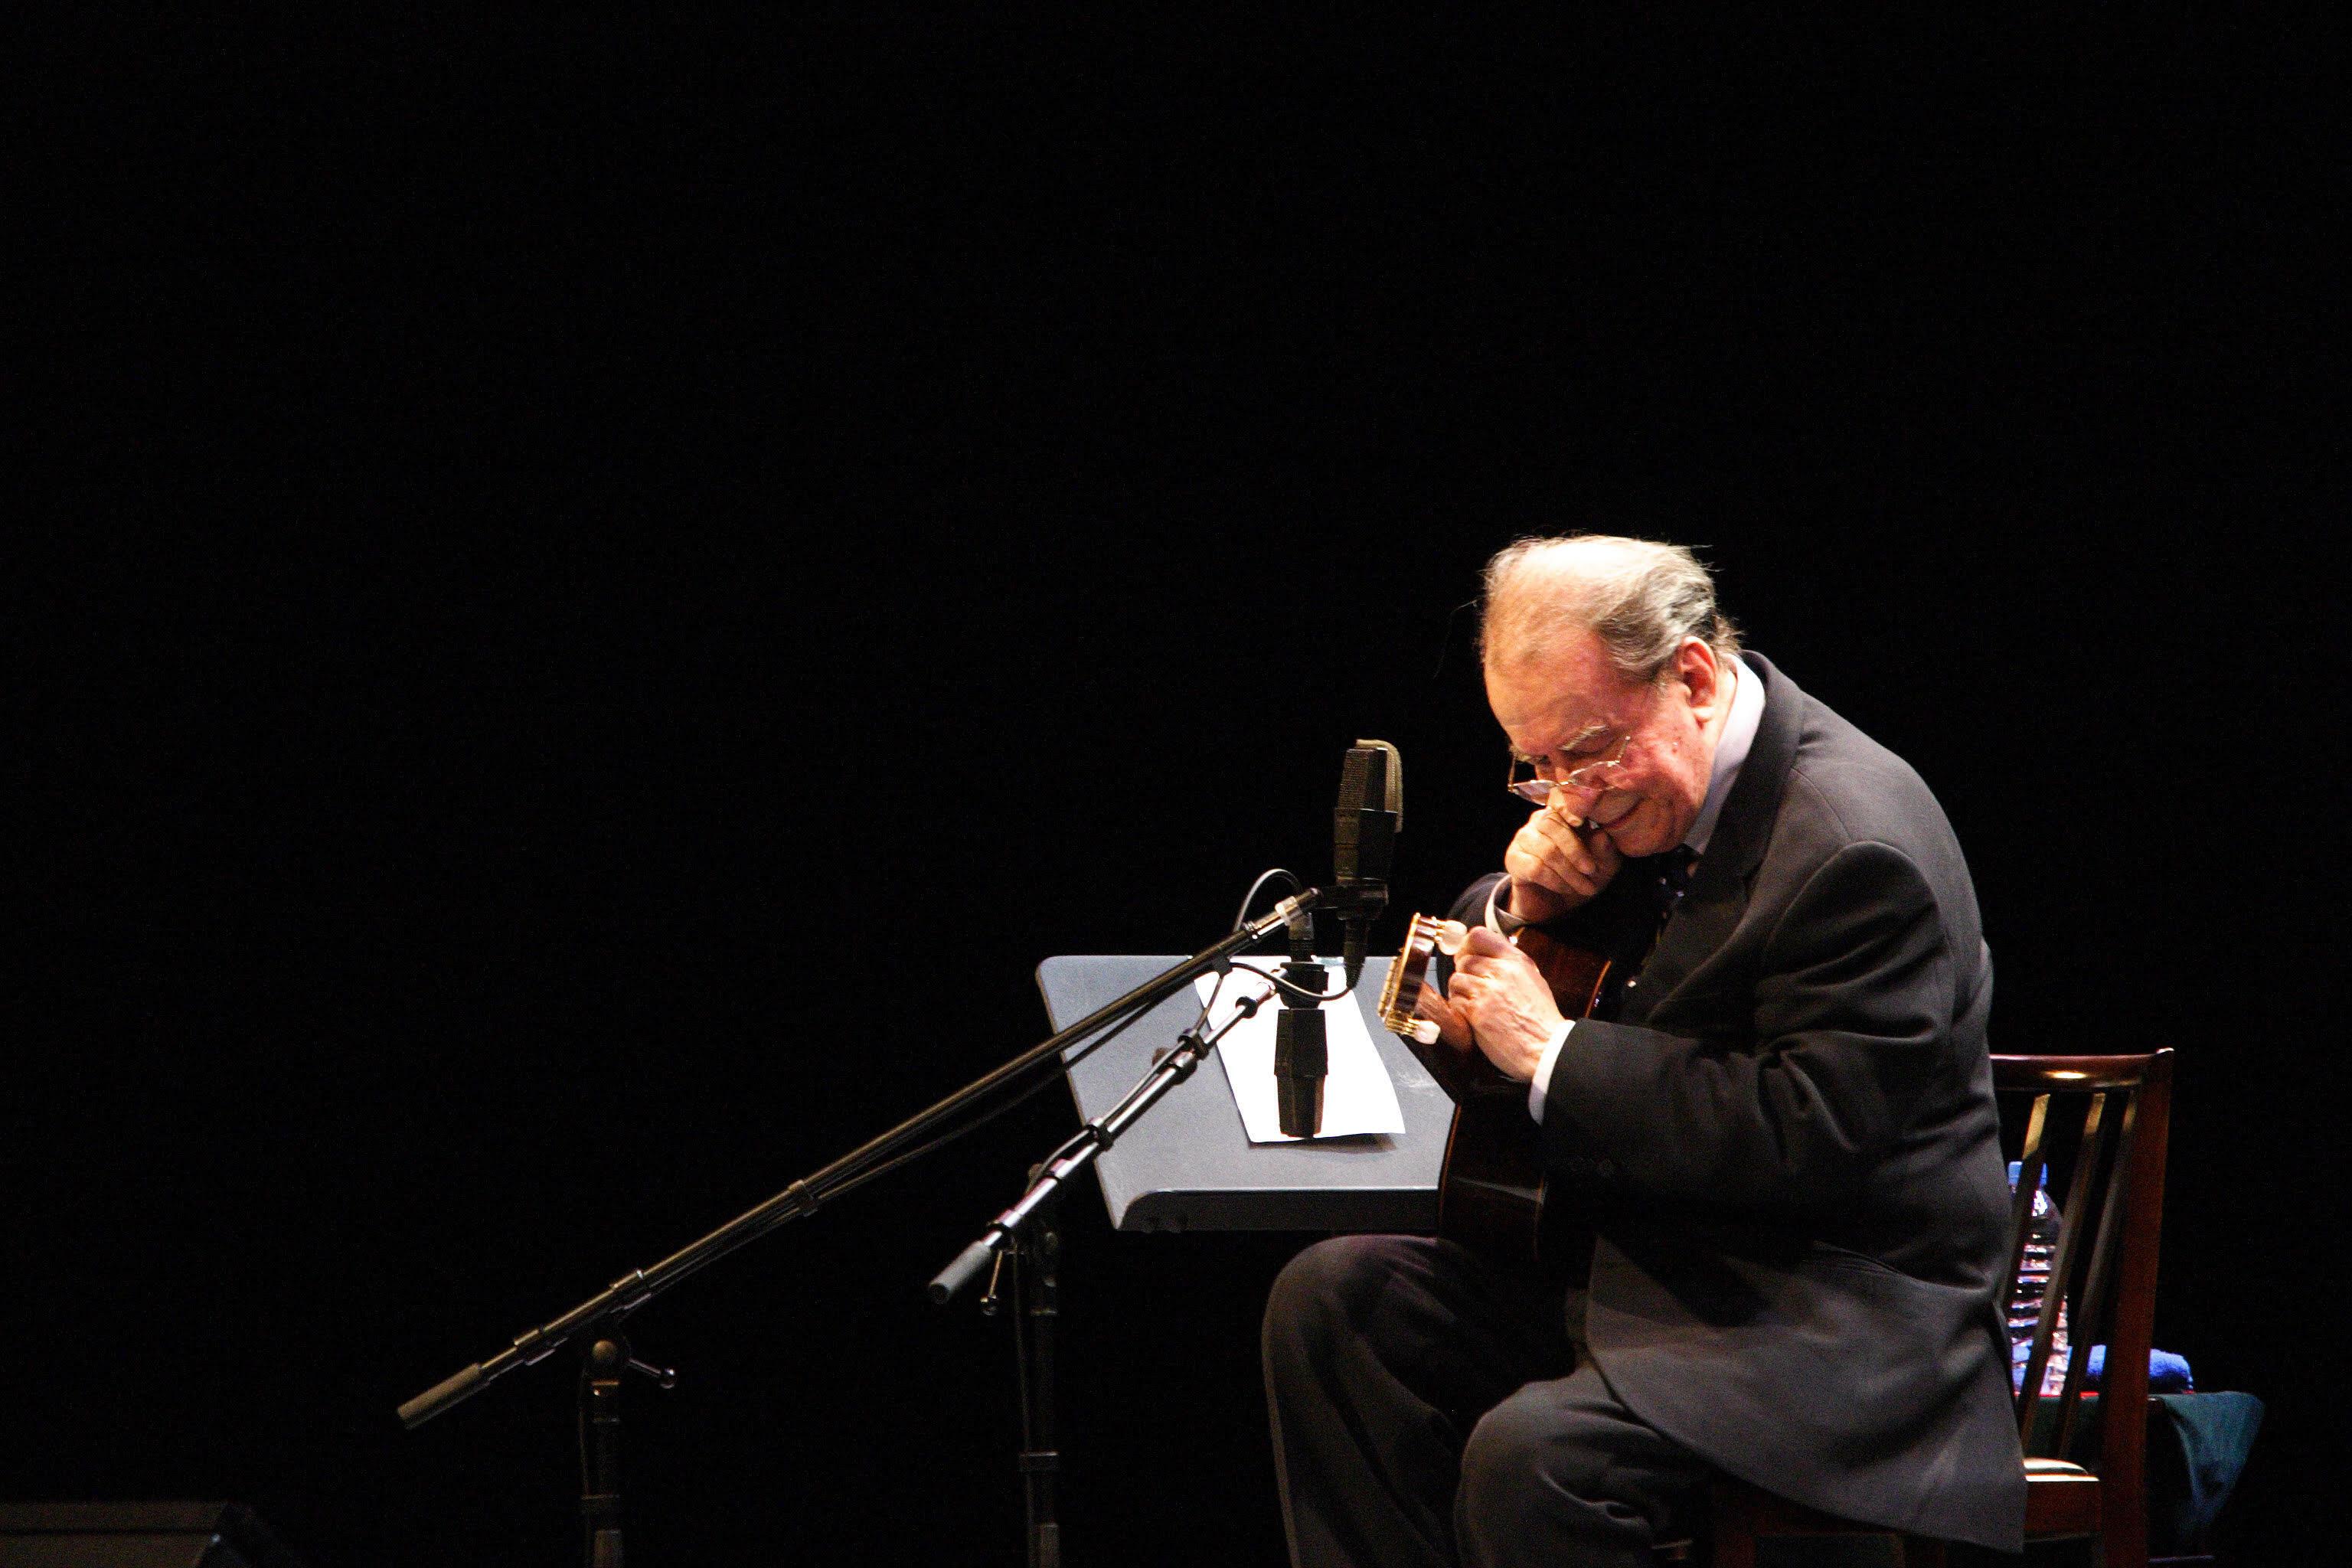 滝川クリステルのナビゲートでボサノヴァの父、ジョアン・ジルベルトの歌声をお届け